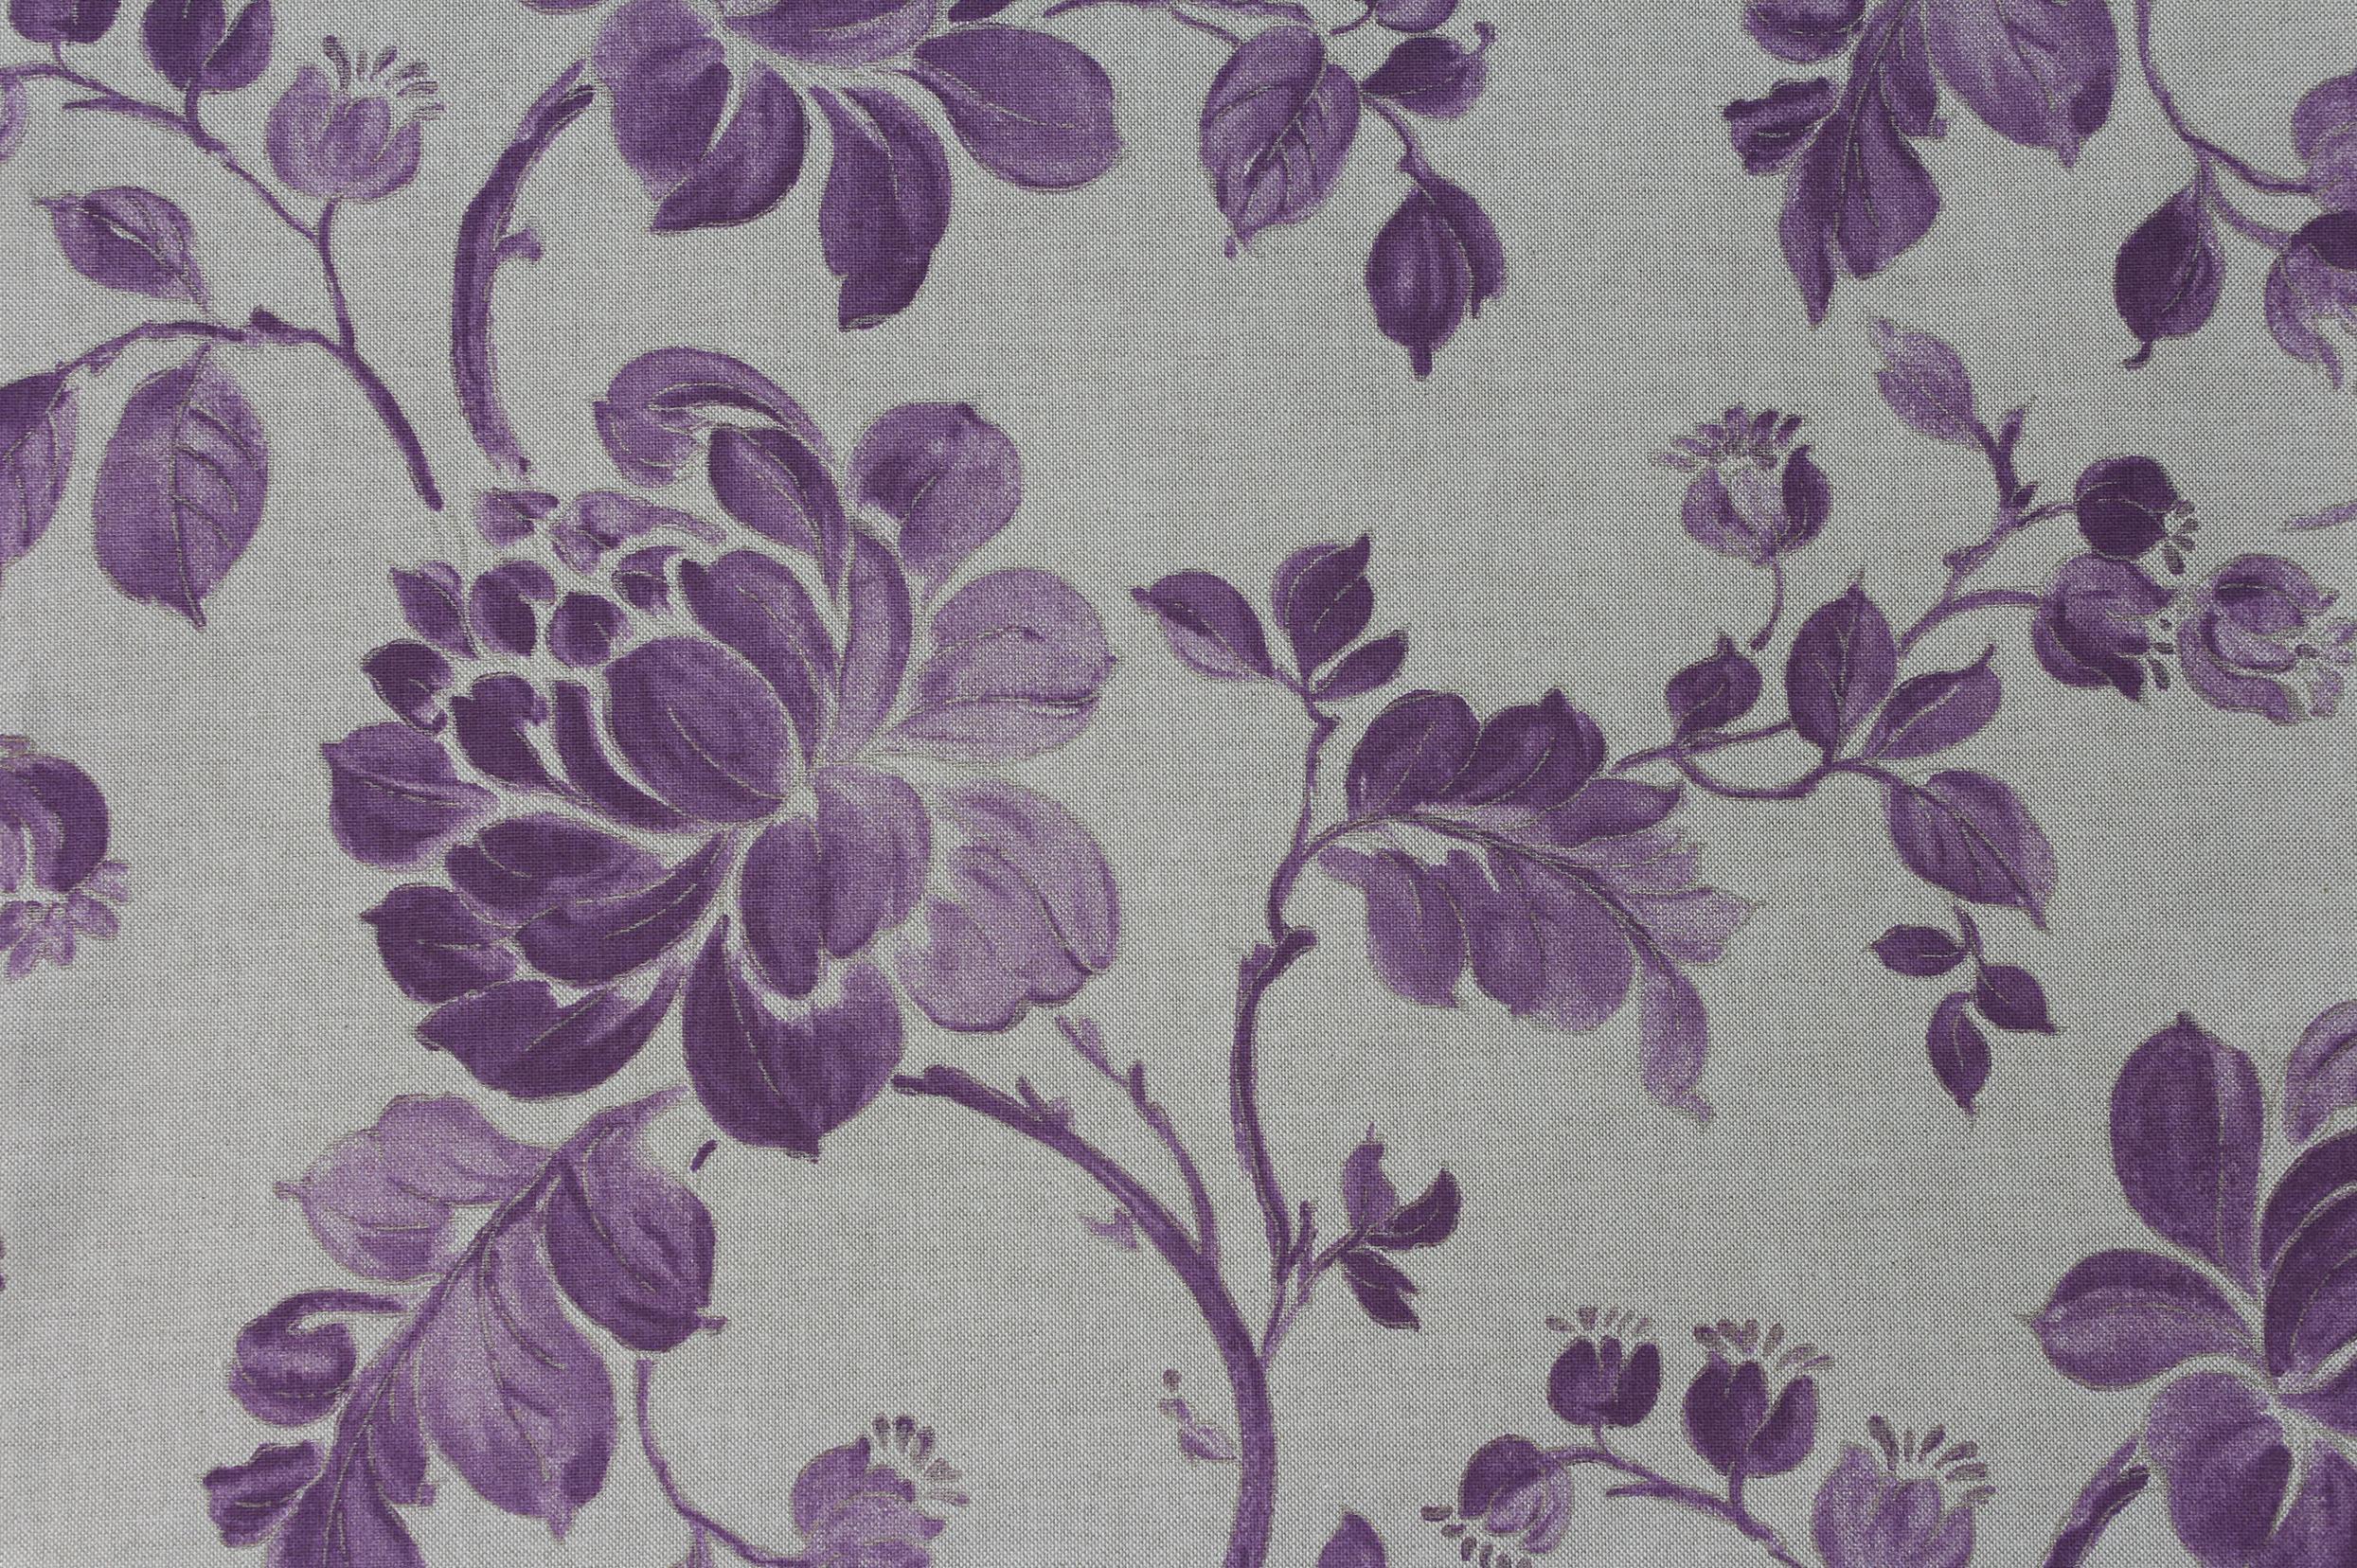 Como tapizar una pared pared panelada falso capiton con for Papel para tapizar paredes